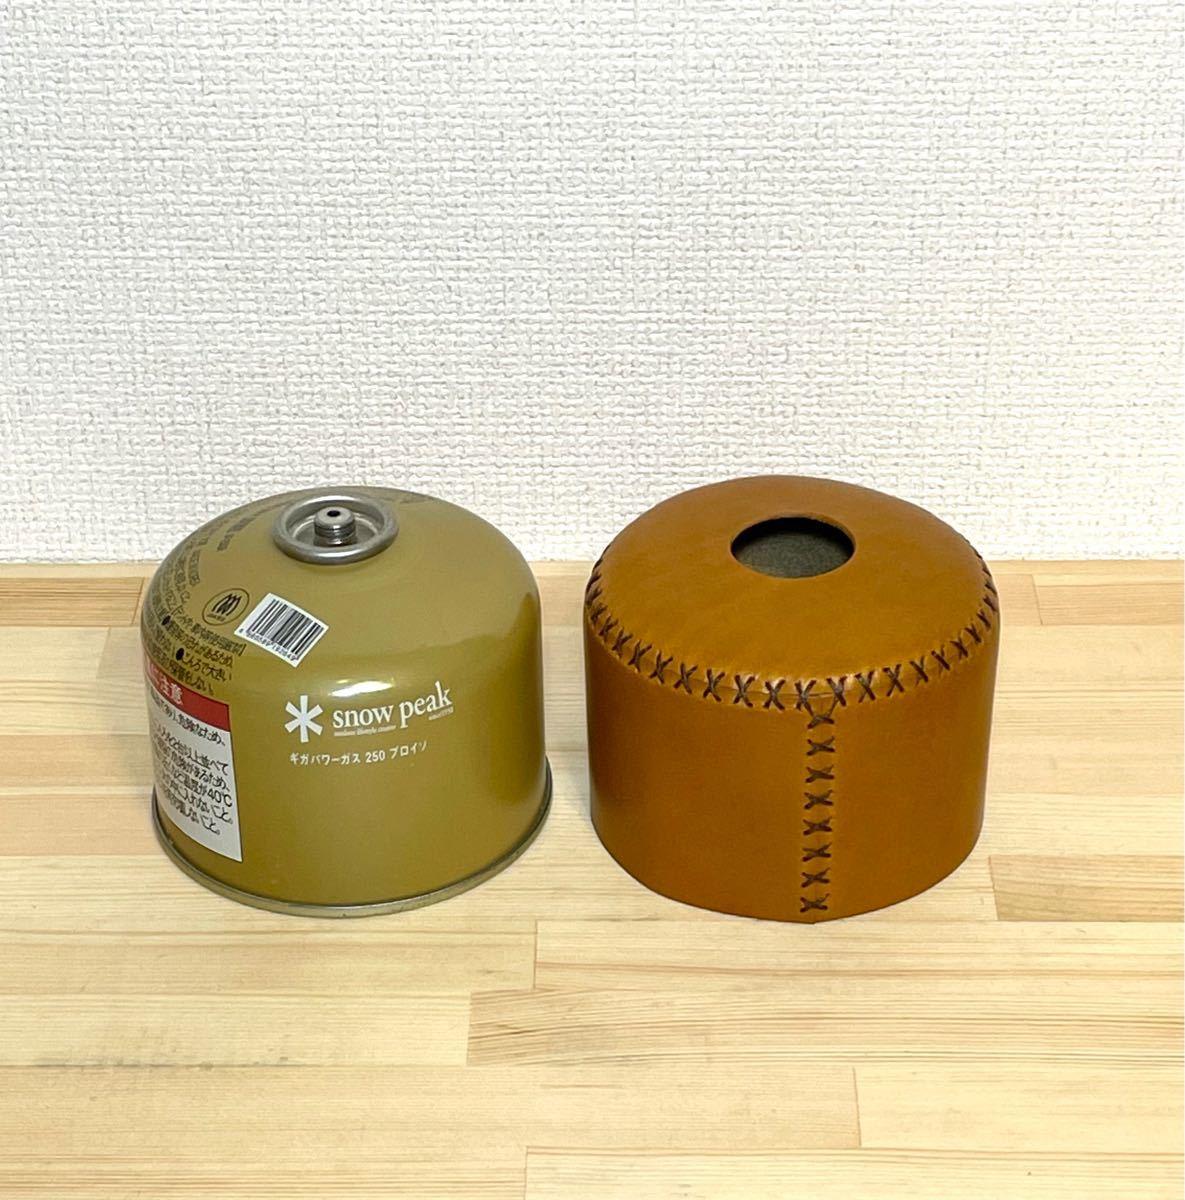 【ヌメ革】本革ガス缶カバー OD缶カバー ノクターン ルミエール エジソンランタン キャンドルランタンカバー